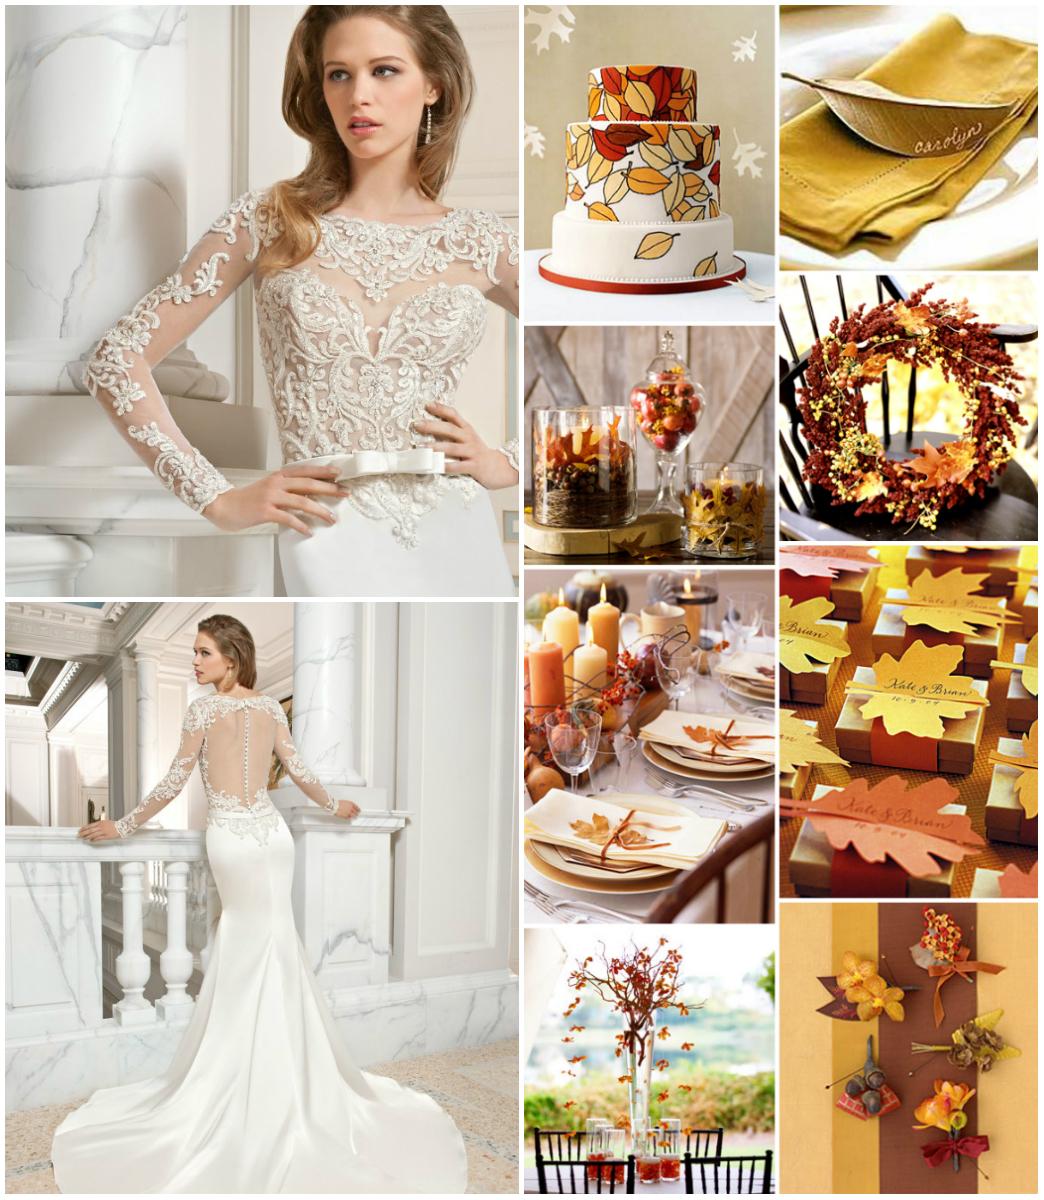 Nuntă toamna Nuntă toamna? Poartă rochii cu aer romantic!